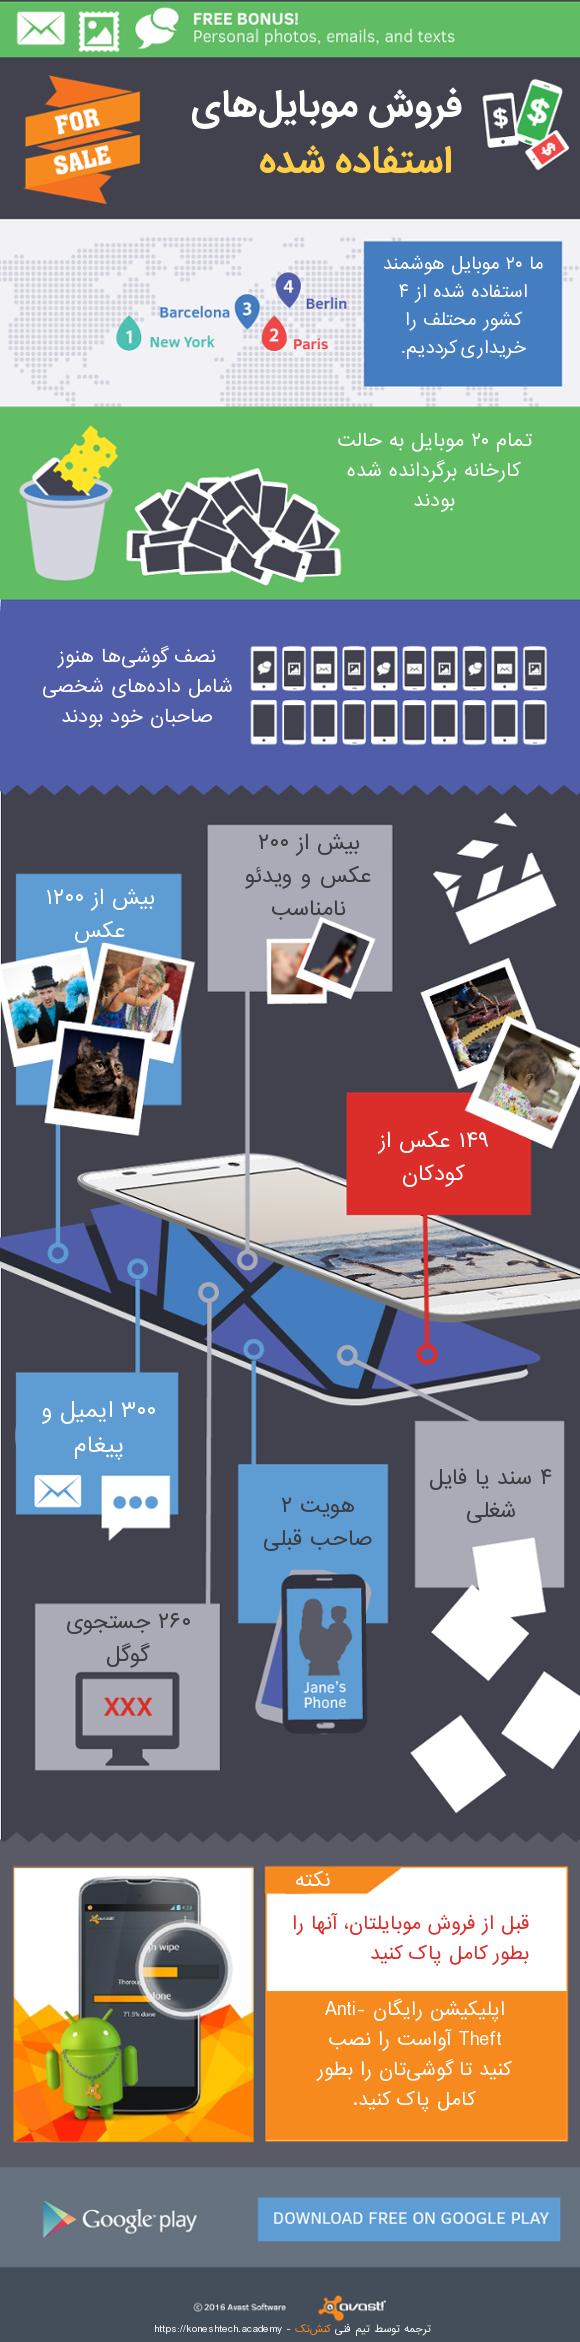 پیدا شدن اطلاعات شخصی روی موبایلهای هوشمند فروخته شده